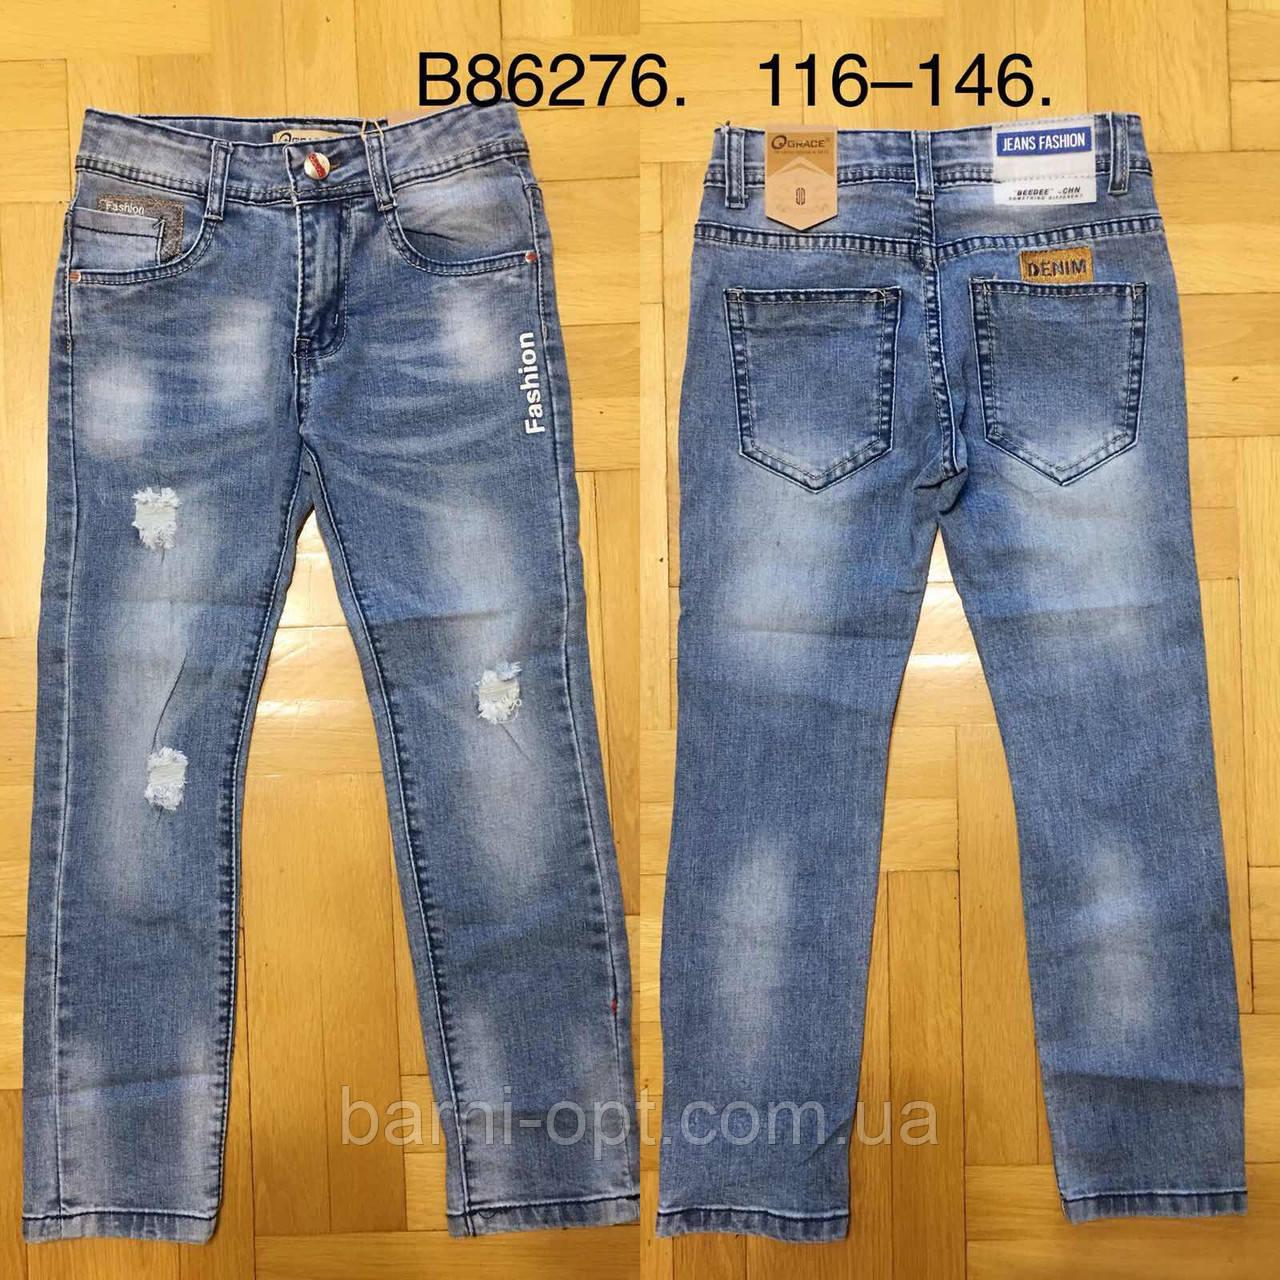 Джинсовые брюки для мальчиков оптом Grace, 116-146 рр